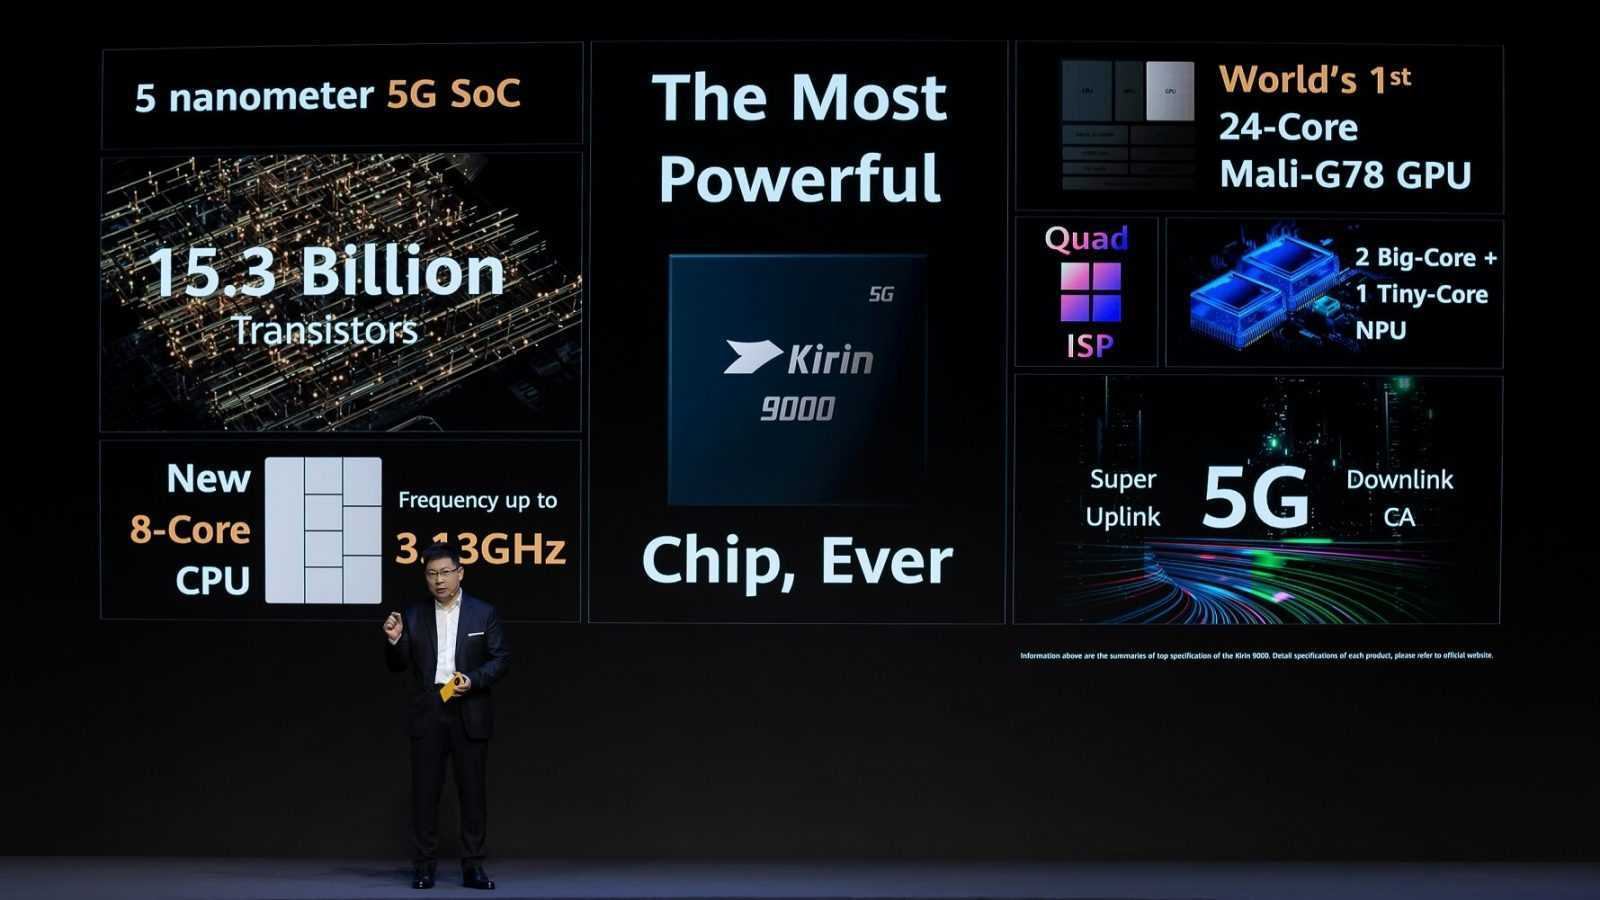 Huawei iepazīstina pasauli ar diviem jauniem viedtālruņiem – Mate 40 Pro un Mate 40 Pro +